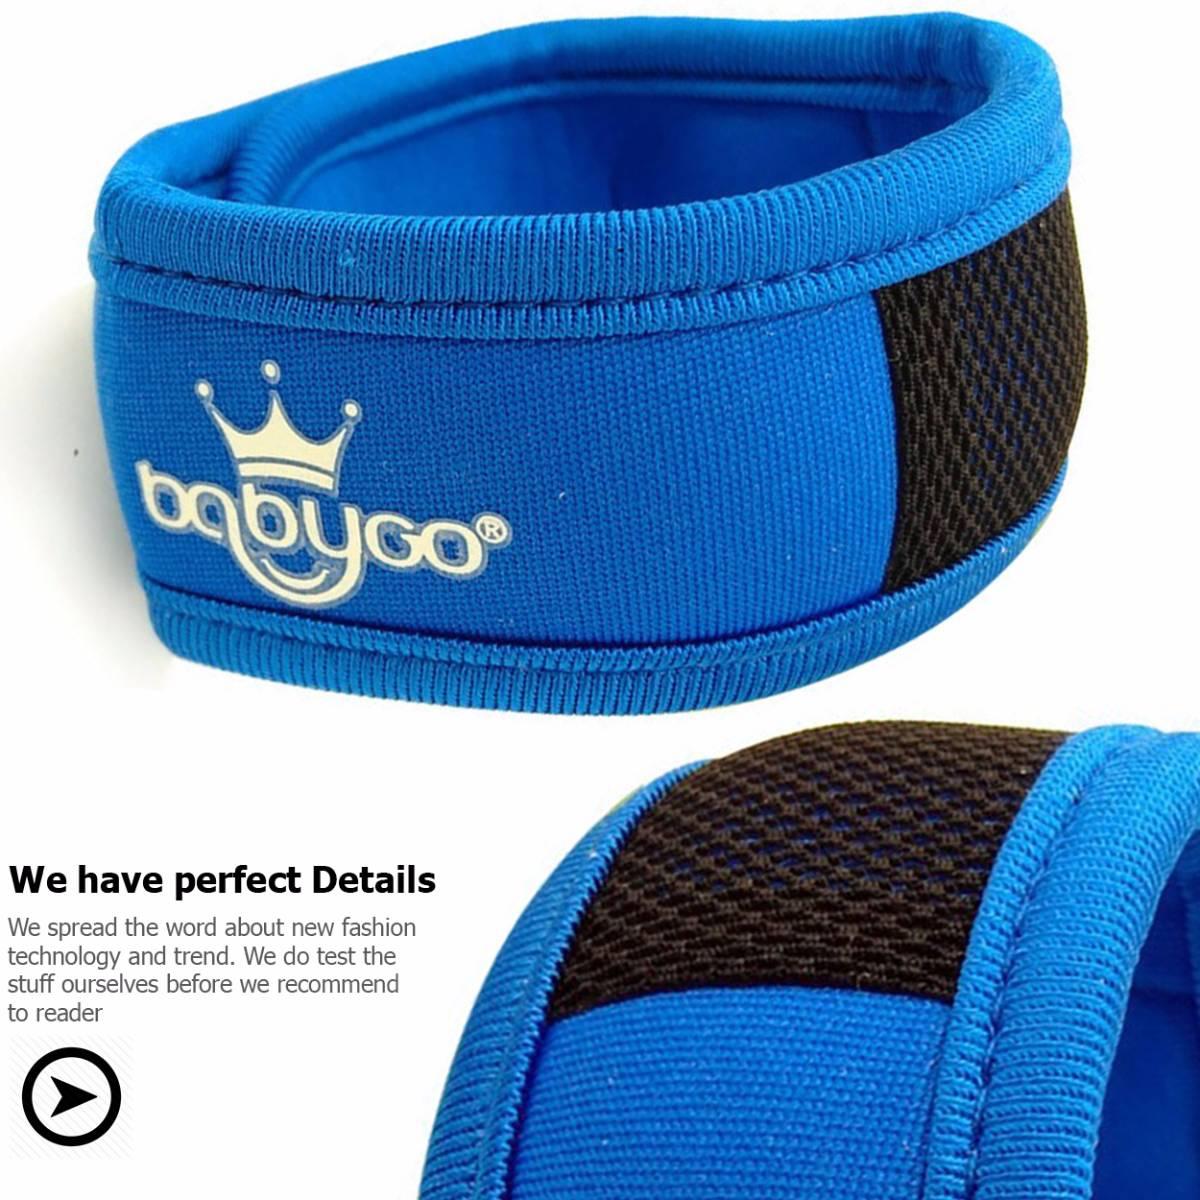 Babygo Neoprene Mosquito Repellent Wristband Blue (gelang Anti Nyamuk)1